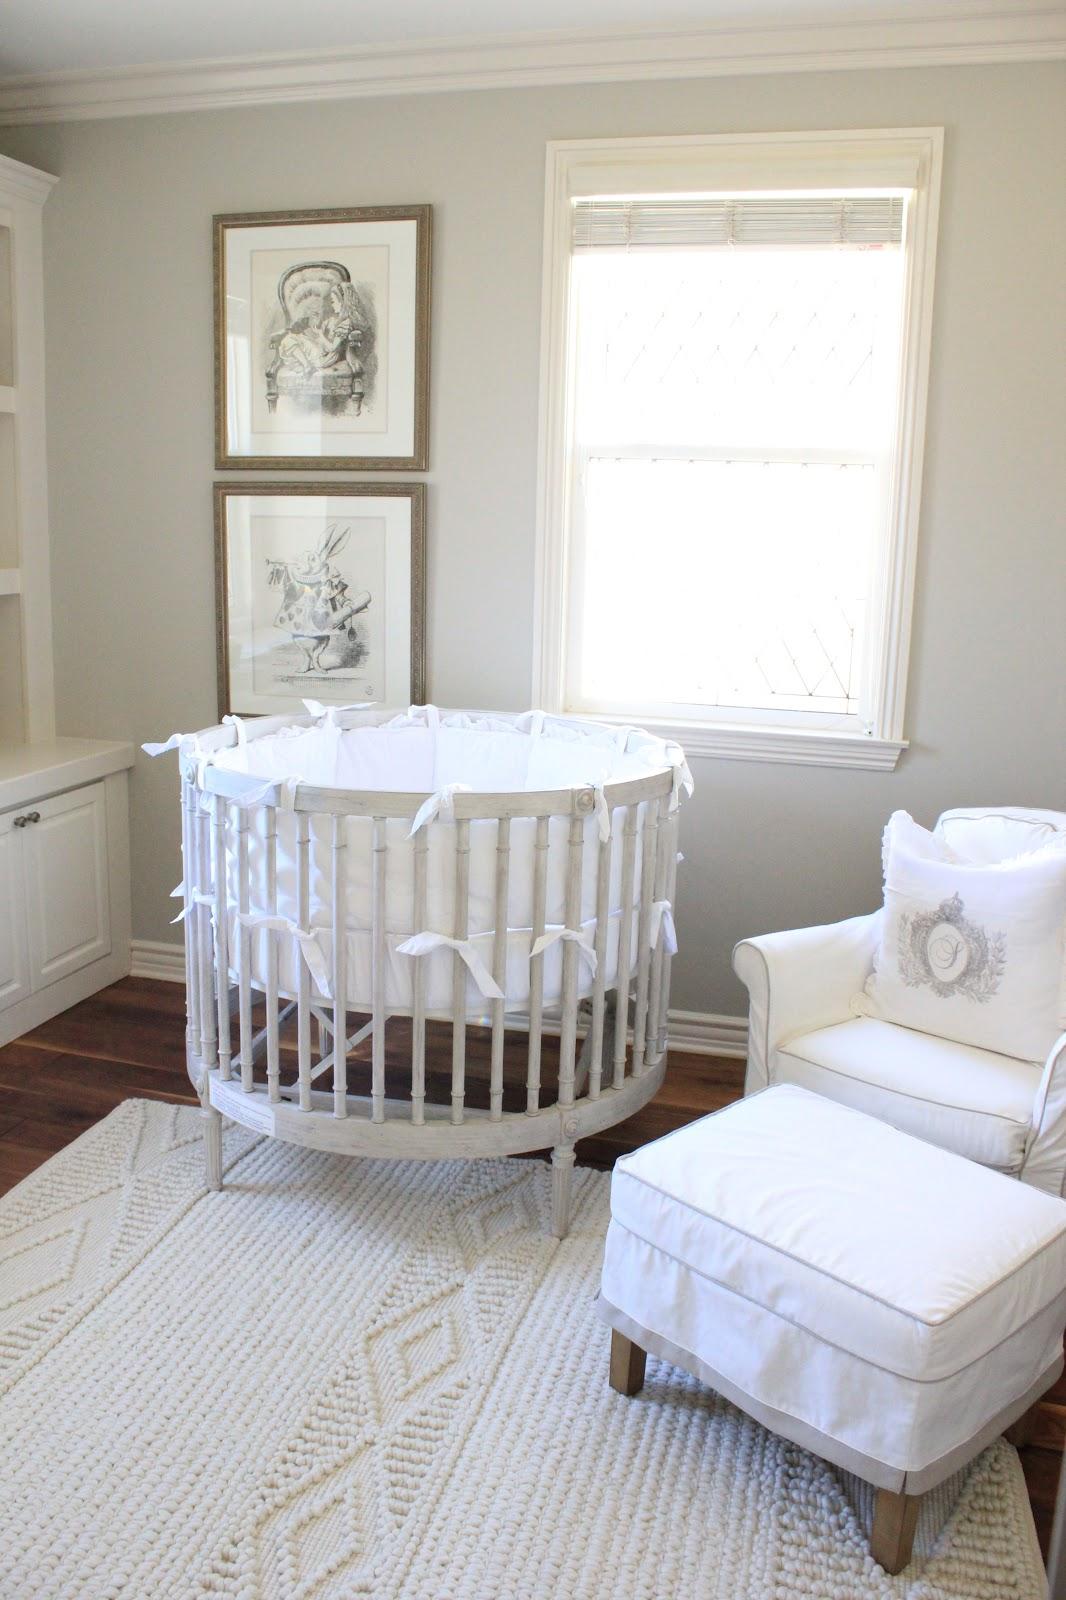 Tendencias y consejos de iluminaci n para el hogar - Iluminacion habitacion bebe ...